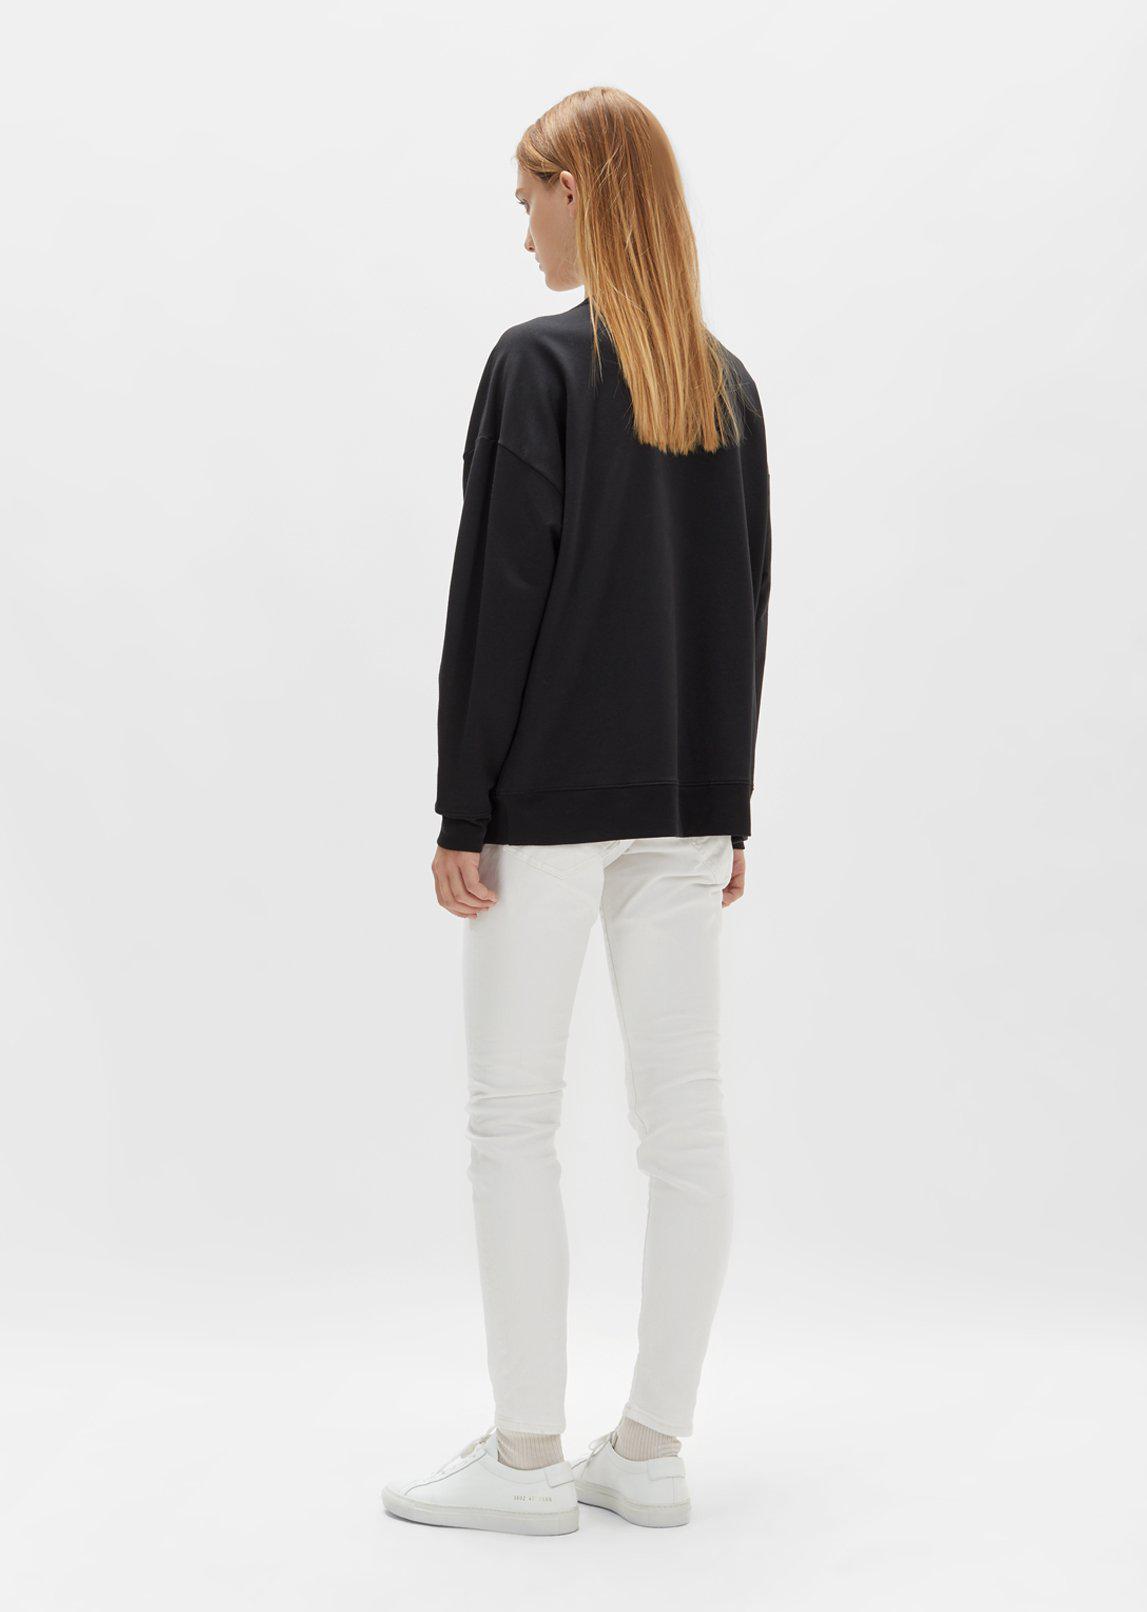 6397 Cotton Zip Pocket Sweatshirt in Black